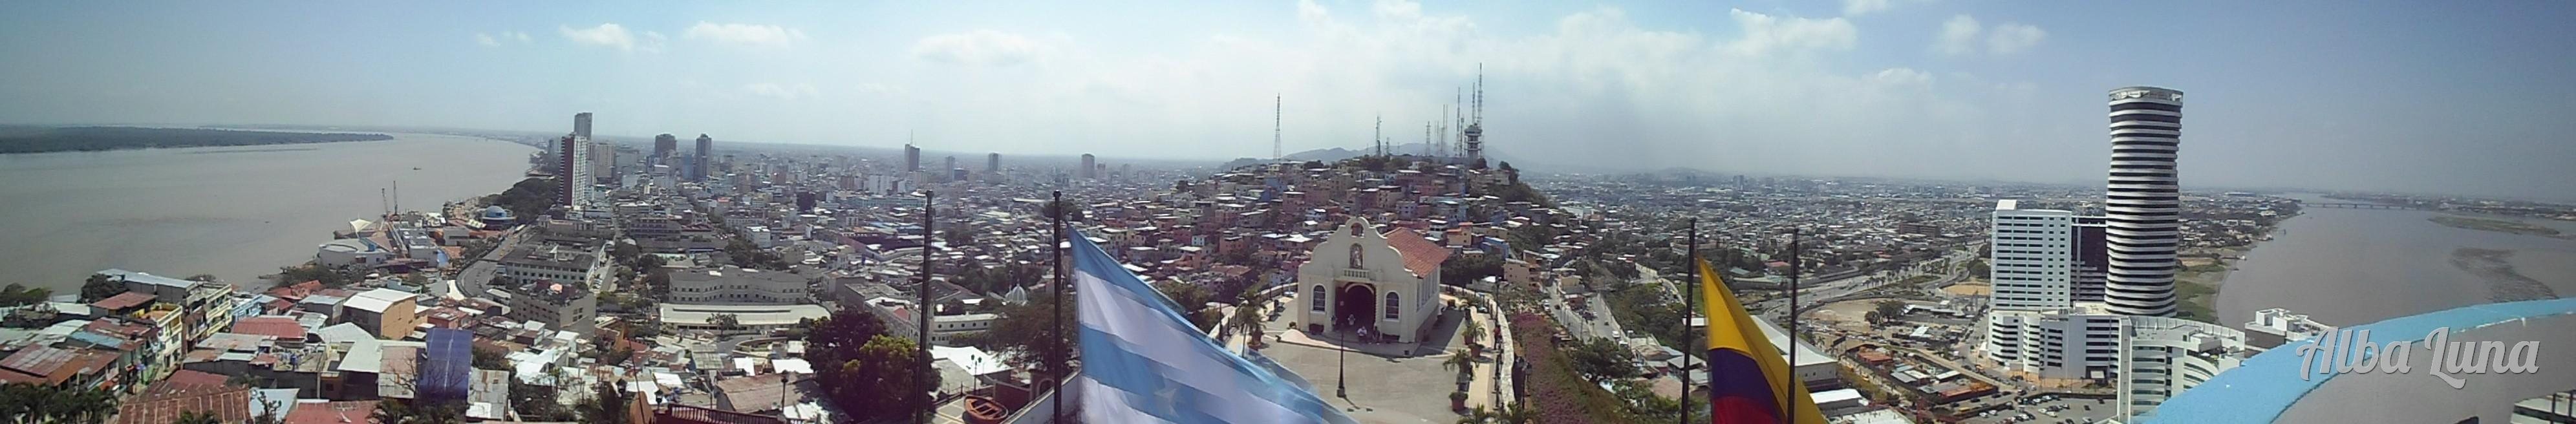 Panorámica Guayaquil Ecuador